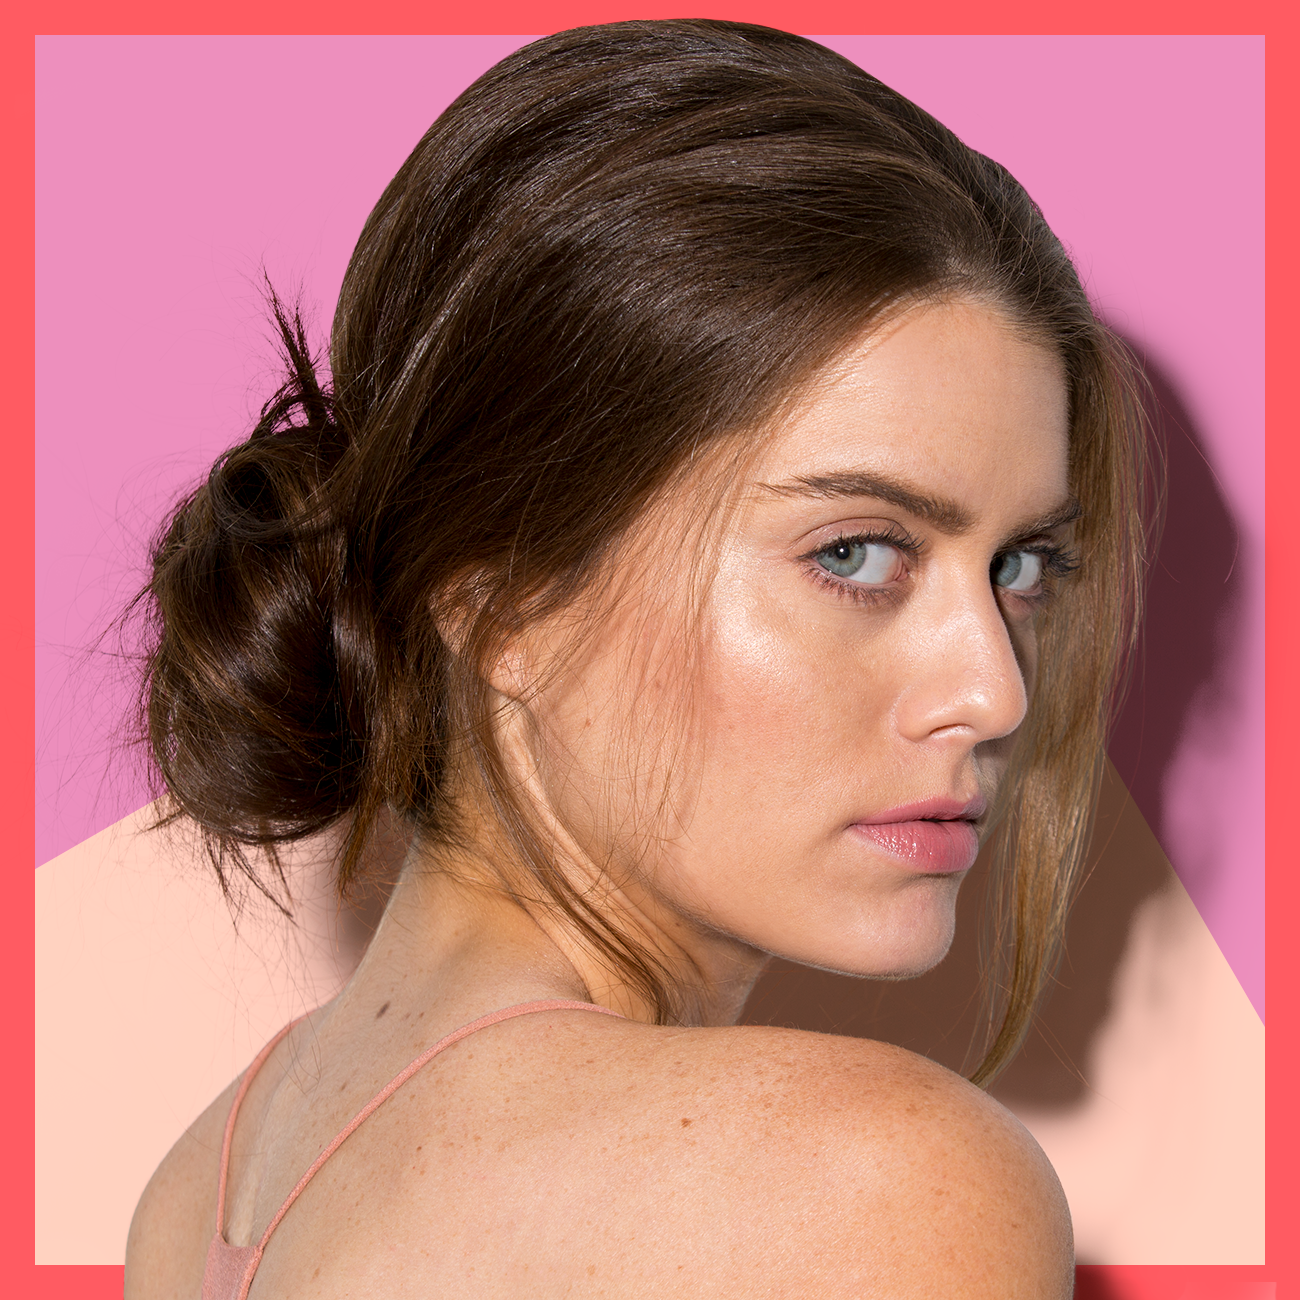 L'Oreal / Makeup.com